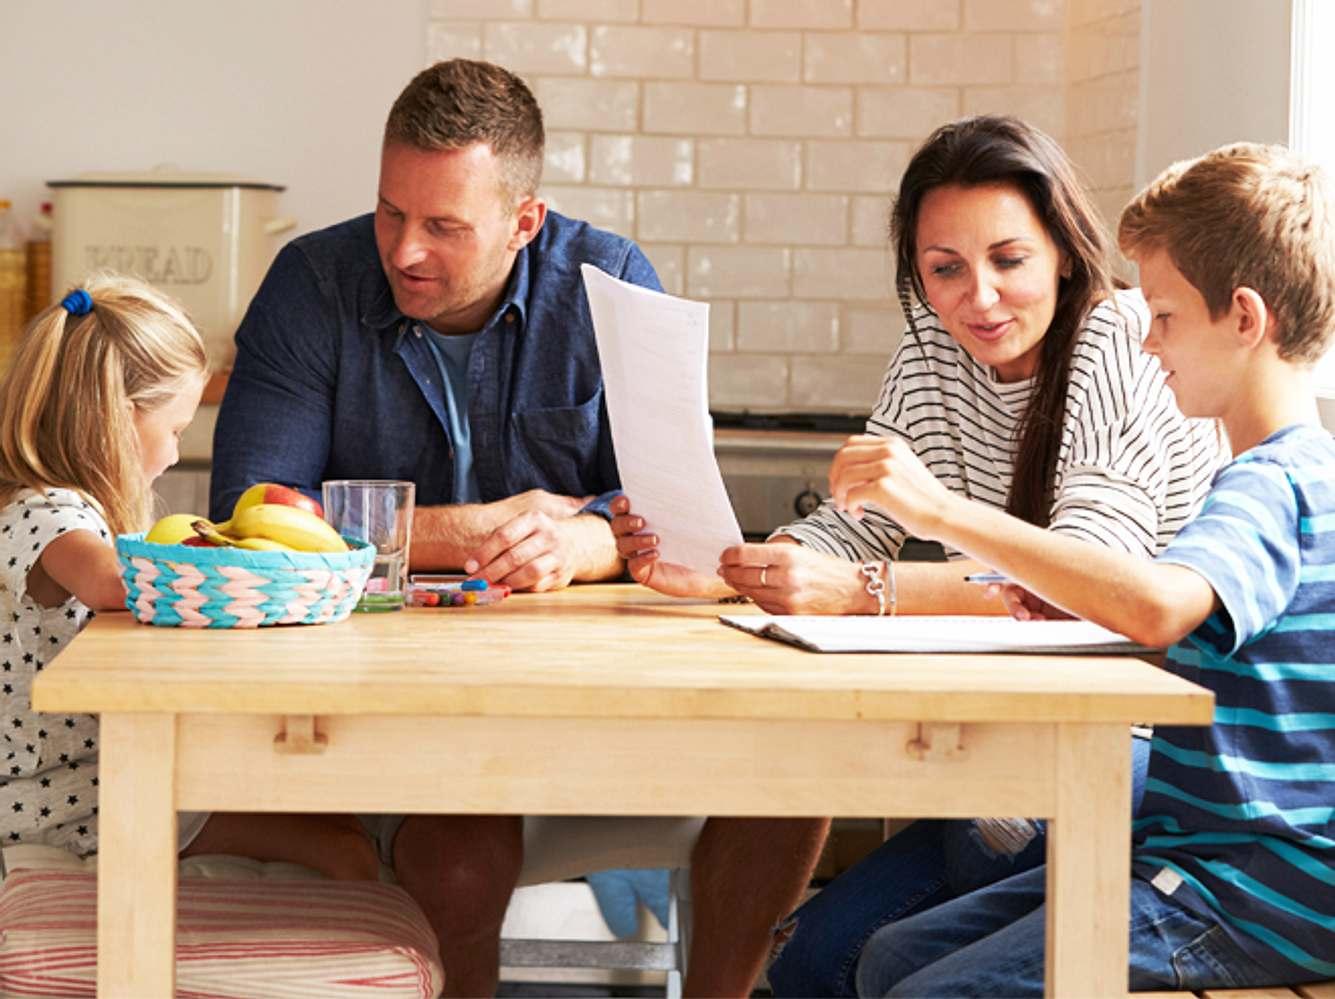 Intelligente Kinder: Was ihre Eltern gemeinsam haben